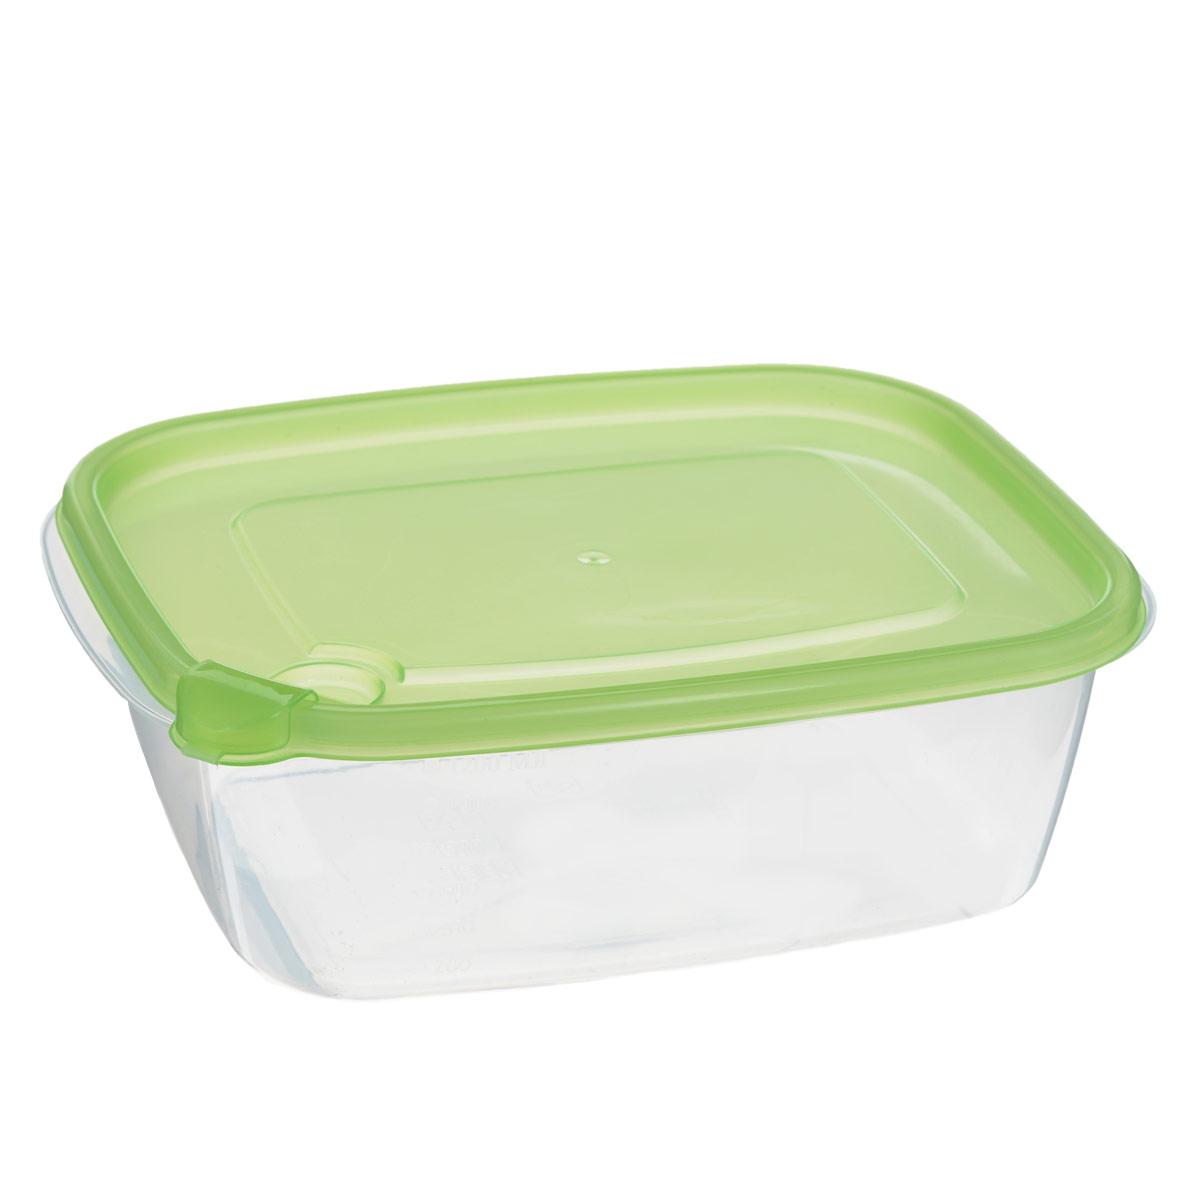 Контейнер для хранения продуктов Бытпласт Фрэш, 1,25 л. С11520VT-1520(SR)Контейнер Бытпласт Фрэш предназначен для хранения пищевых продуктов и не только. Он выполнен из высококачественного полипропилена и не содержит Бисфенол А. Крышка с клапаном легко и плотно закрывается. Контейнер устойчив к воздействию масел и жиров, легко моется. Подходит для использования в микроволновых печах, выдерживает хранение в морозильной камере при температуре -24 градуса.Пищевые контейнеры необыкновенно удобны: в них можно брать еду на работу, за город, ребенку в школу. Именно поэтому они обретают все большую популярность.